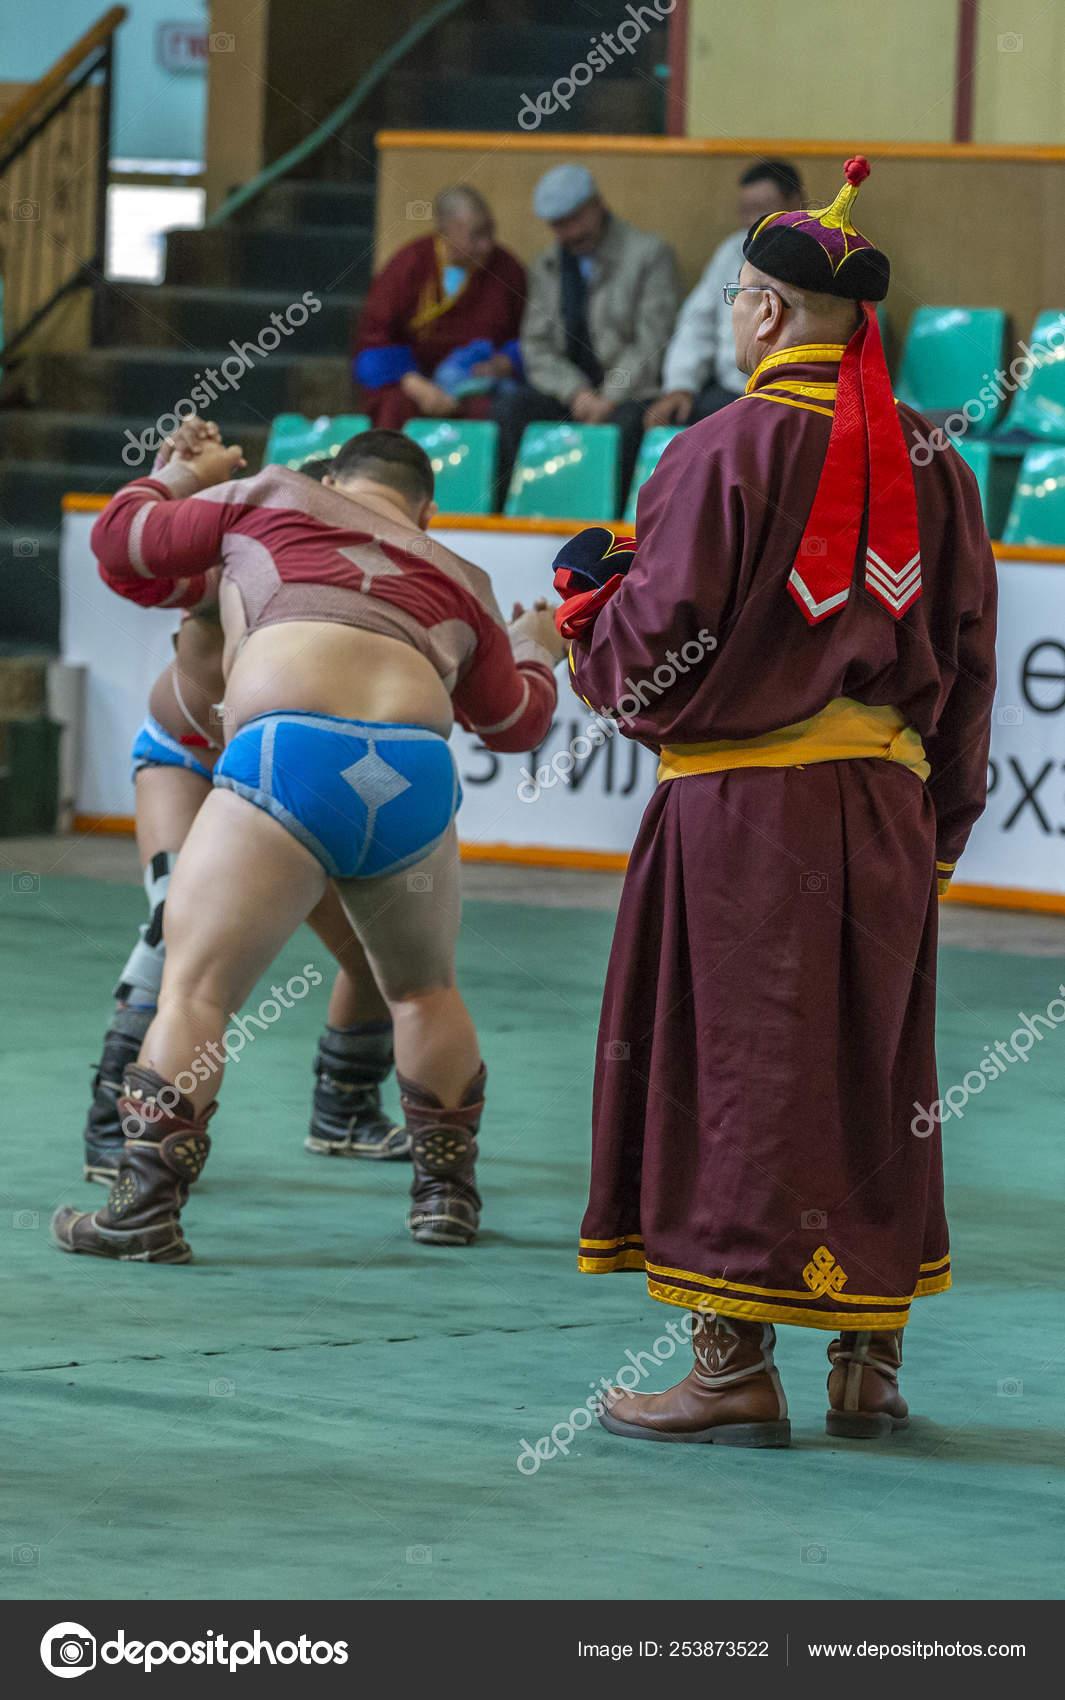 фото борца из монголии что наслаждайтесь видом